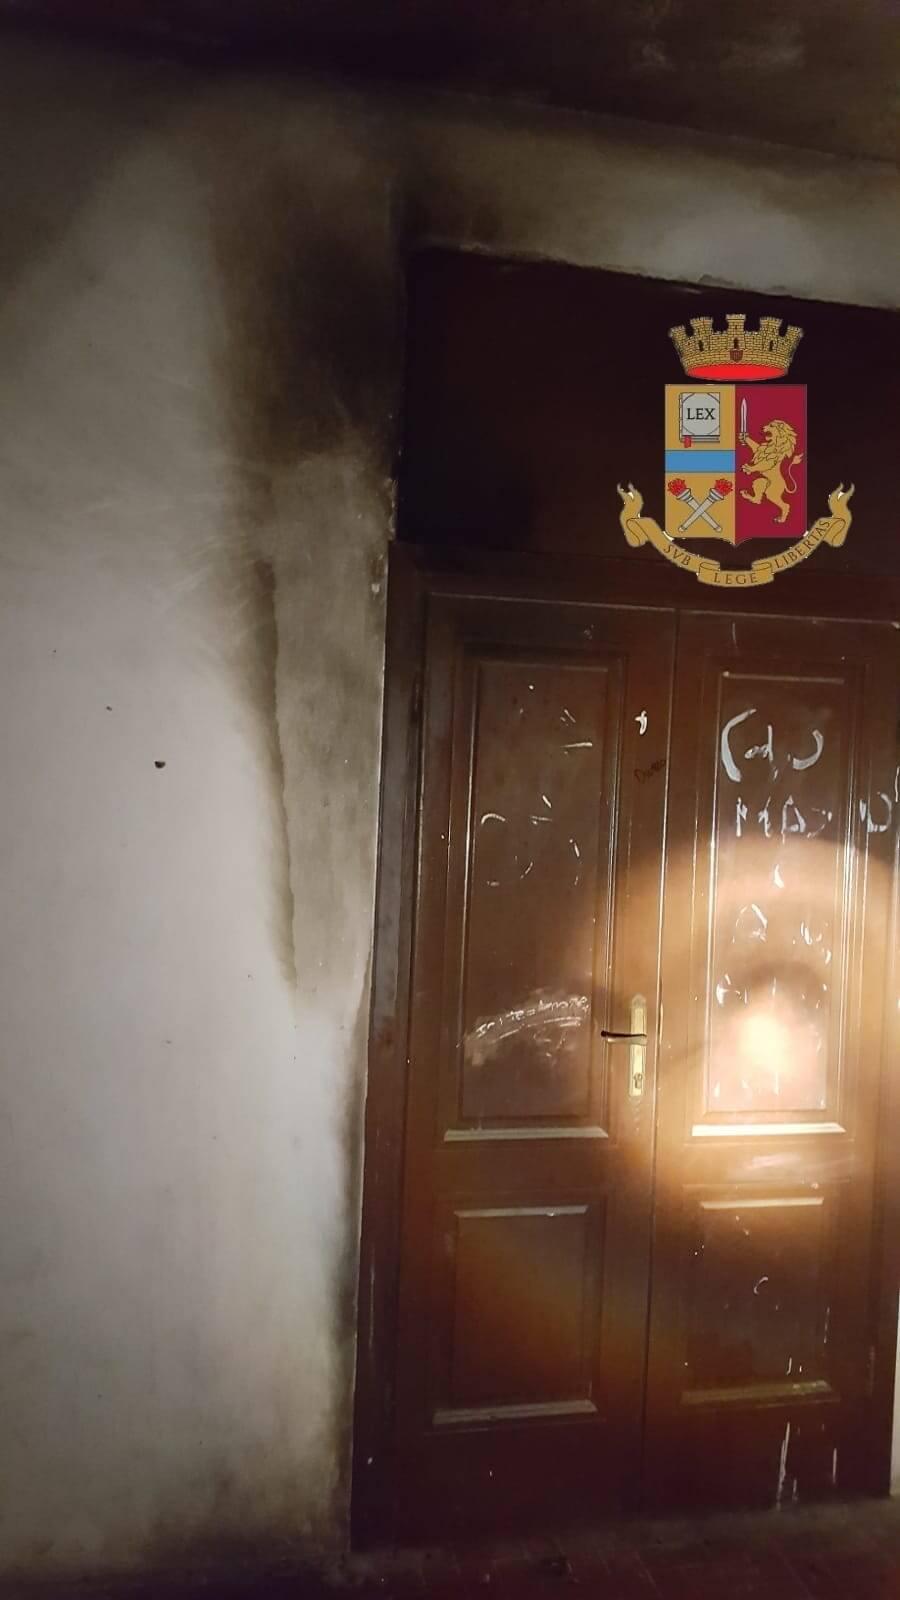 Molotov contro il portone della scuola: indaga la Digos